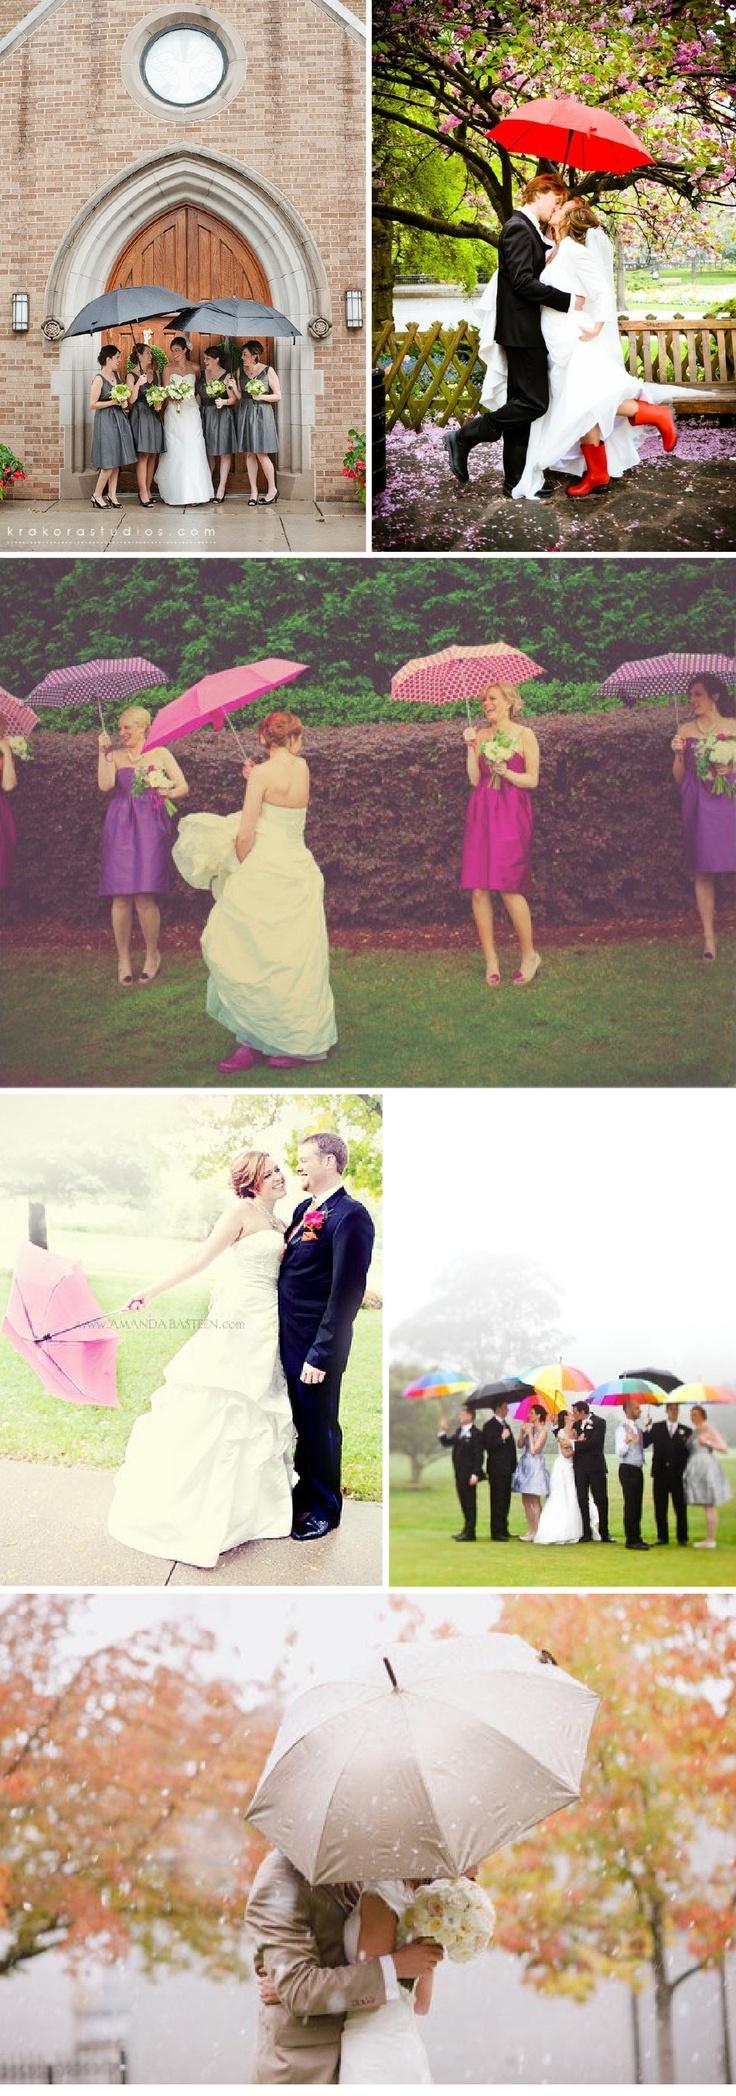 Mariage pluvieux - sous la pluie